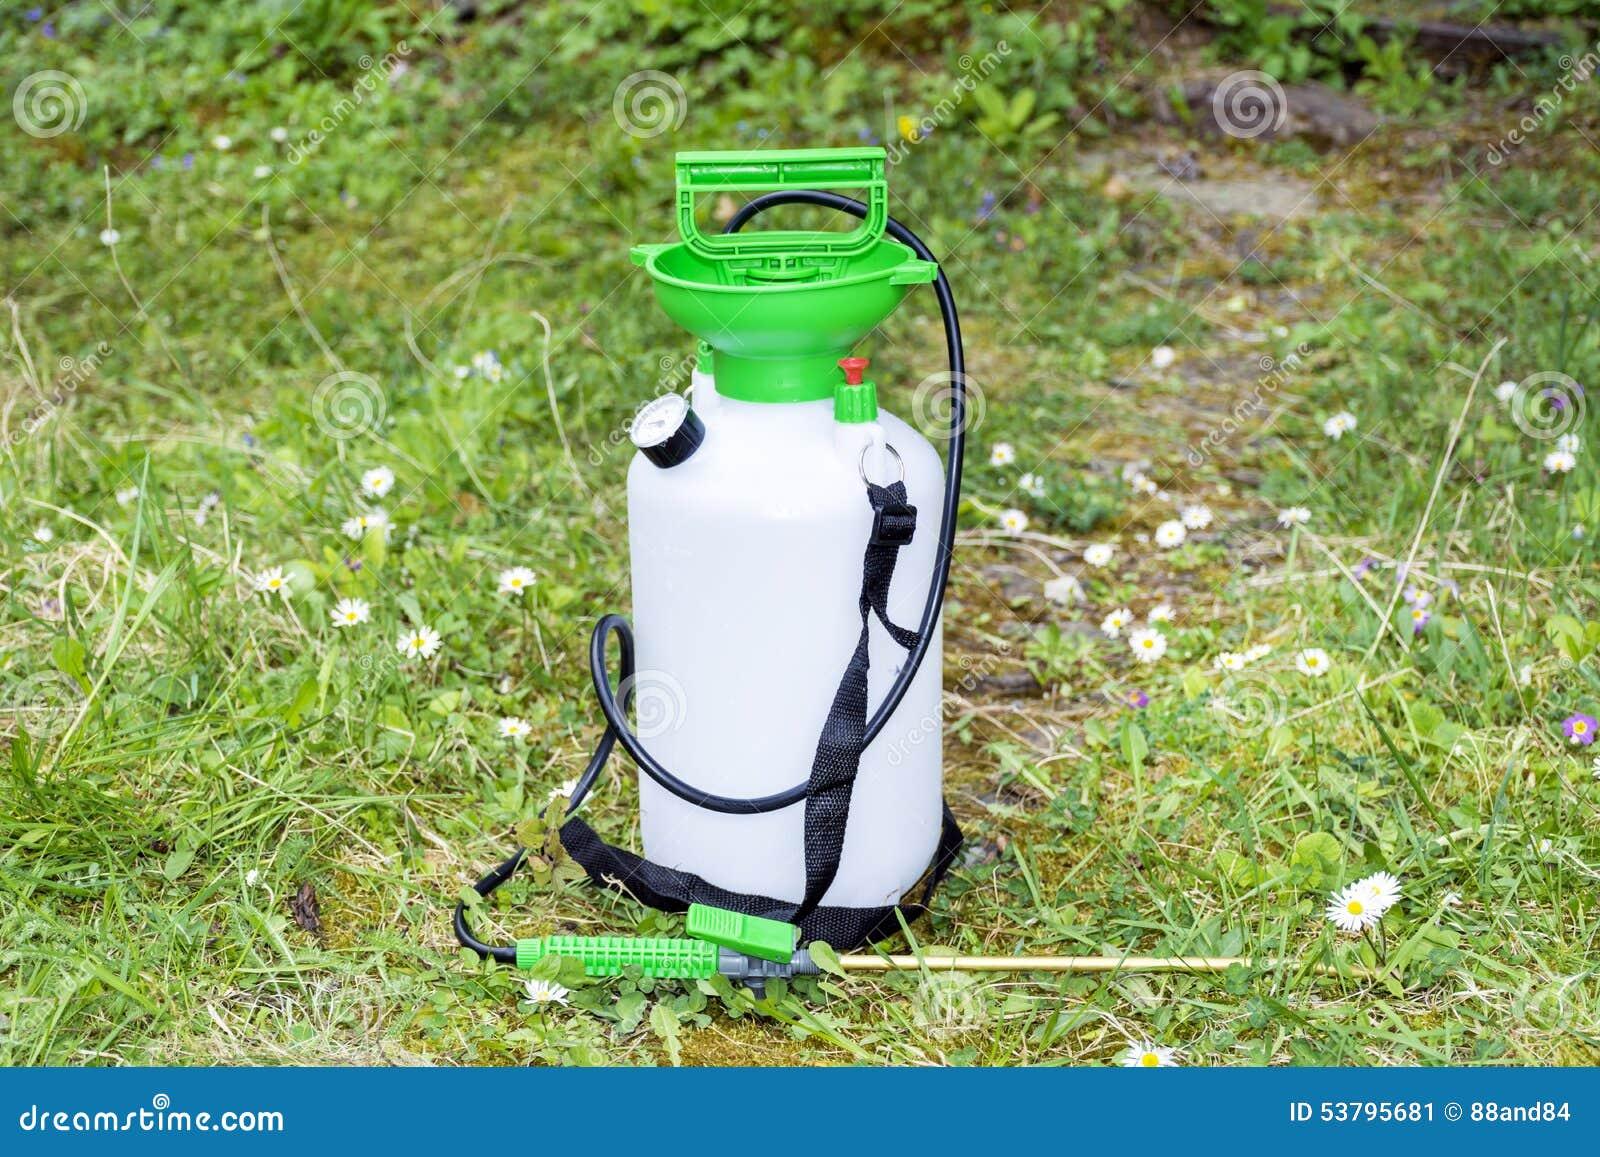 garden pressure sprayer stock image image of agriculture. Black Bedroom Furniture Sets. Home Design Ideas